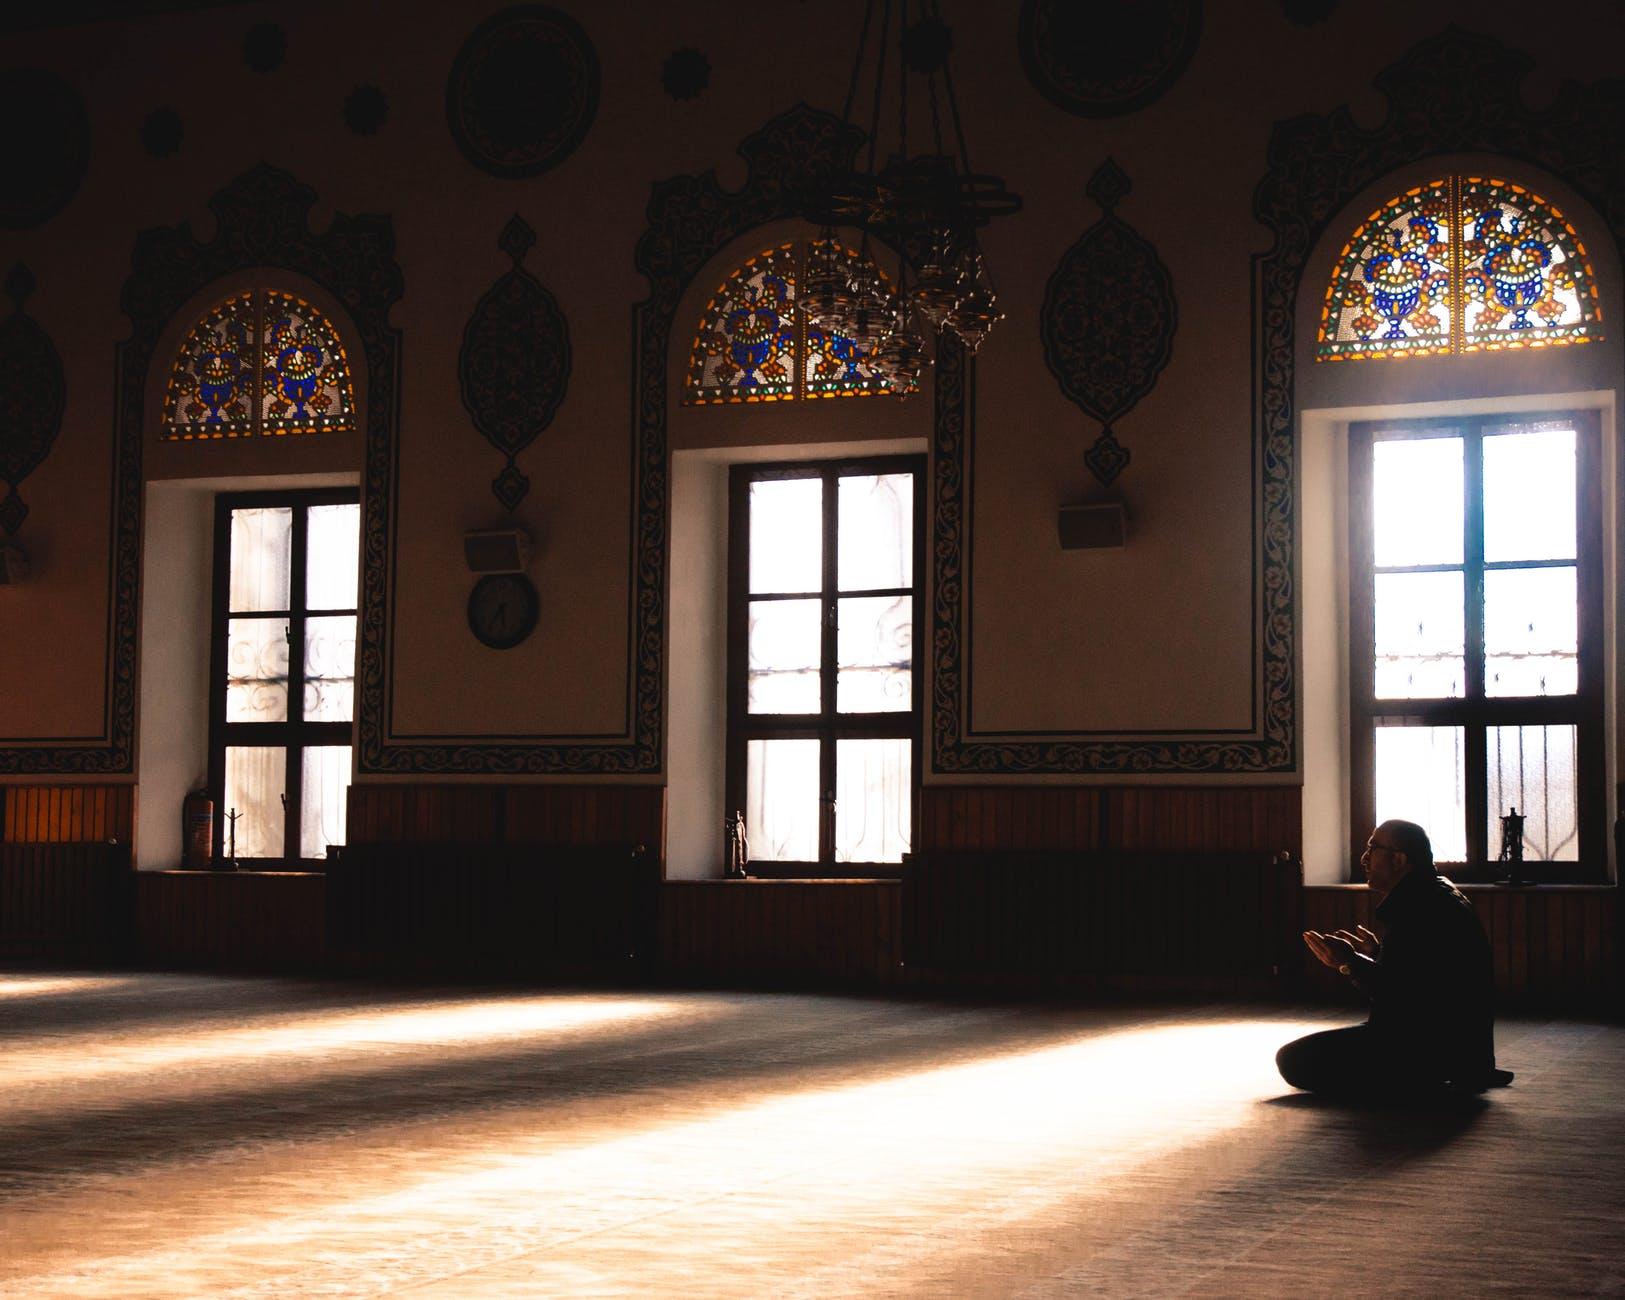 Geger Warga Diusir dari Masjid, Bagaimana Hukum Salat Memakai Masker?